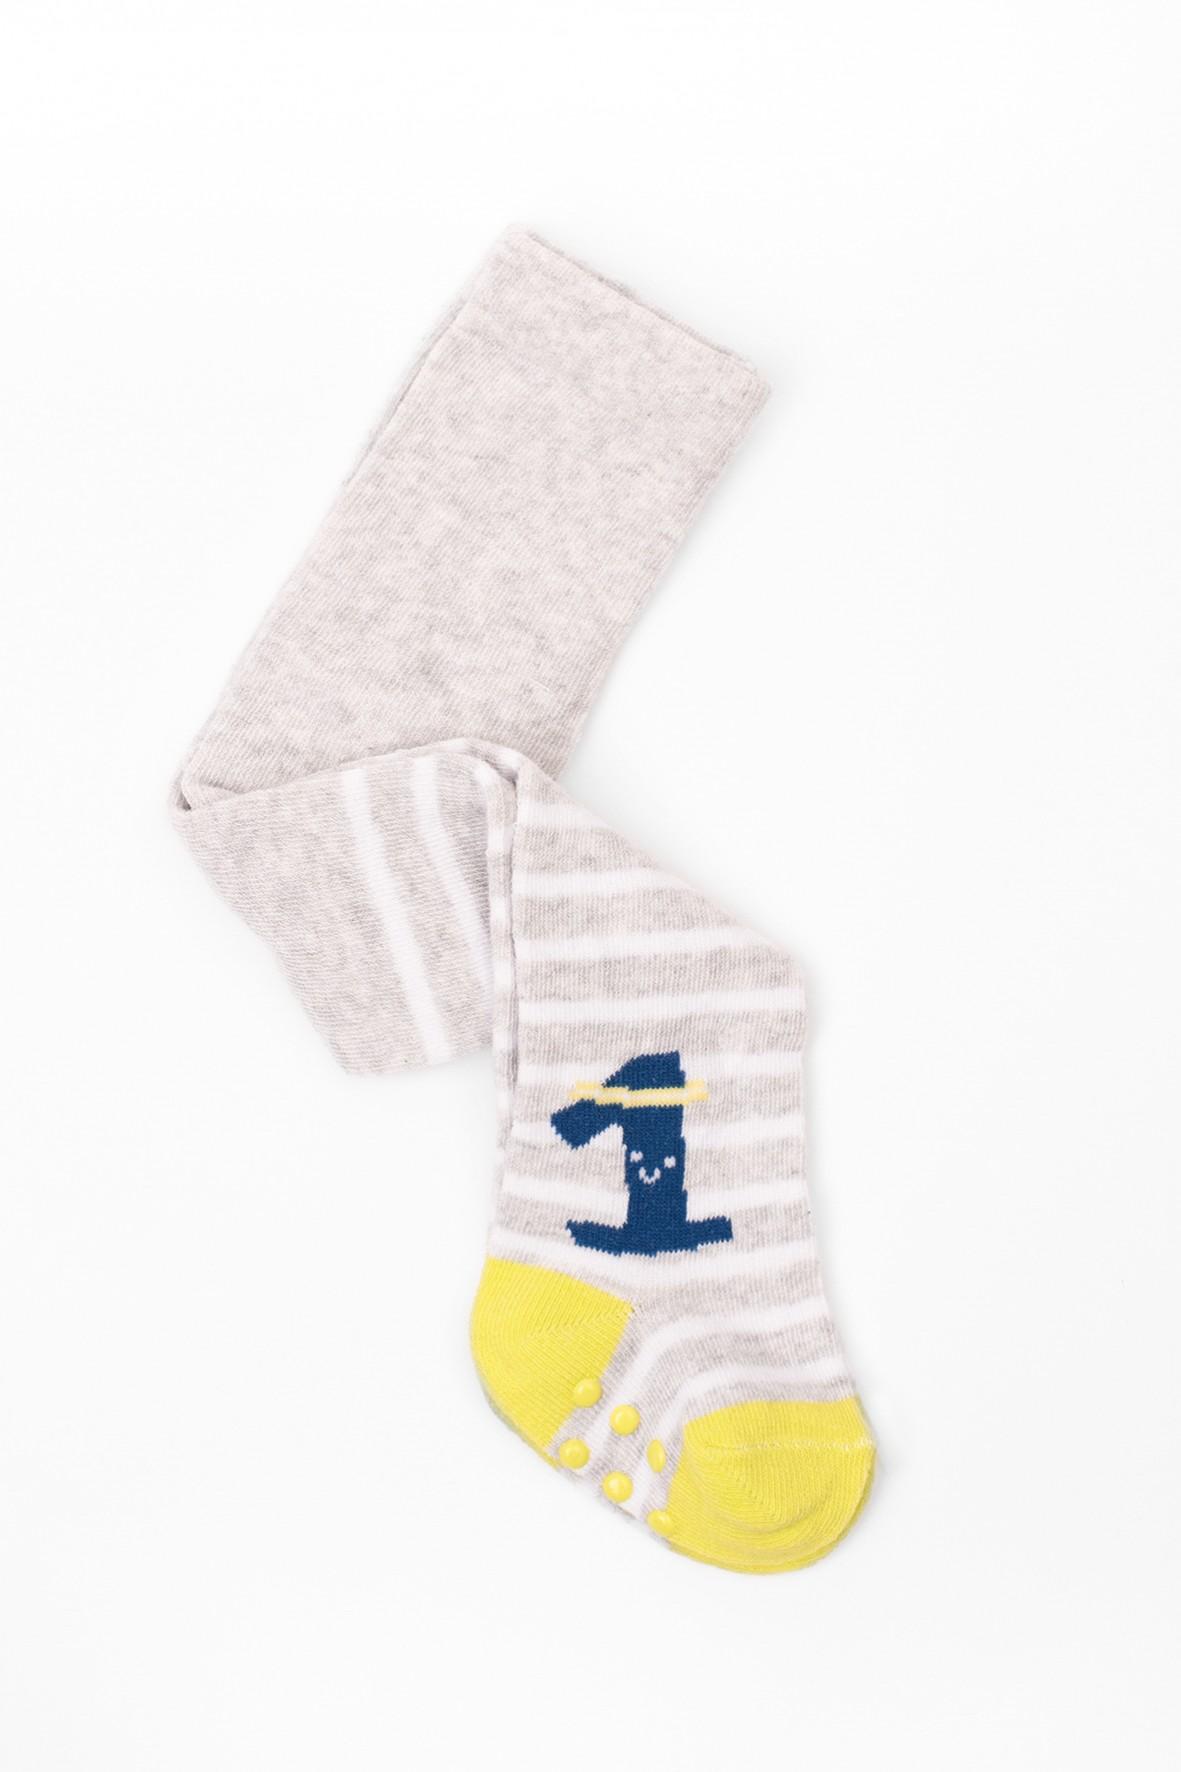 Rajstopy dla niemowlaka- szare w białe paski z ABS